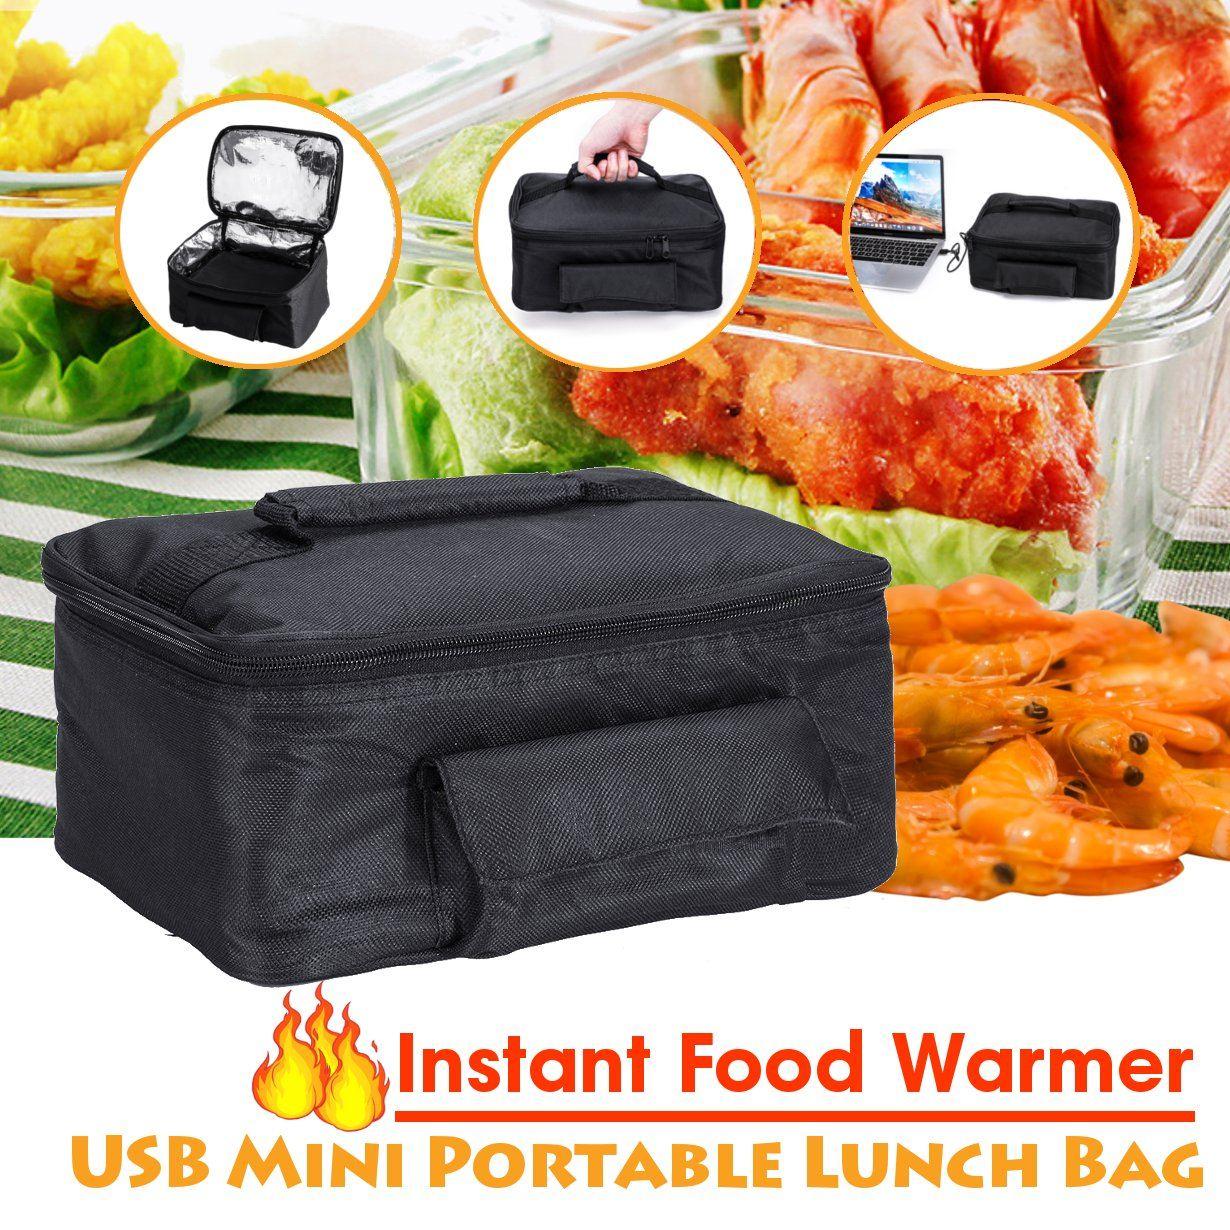 USB мини персональная Портативная сумка для обеденной печи, подогреватель пищи, электрическая печь с подогревом, Ланч-бокс для транспортного...